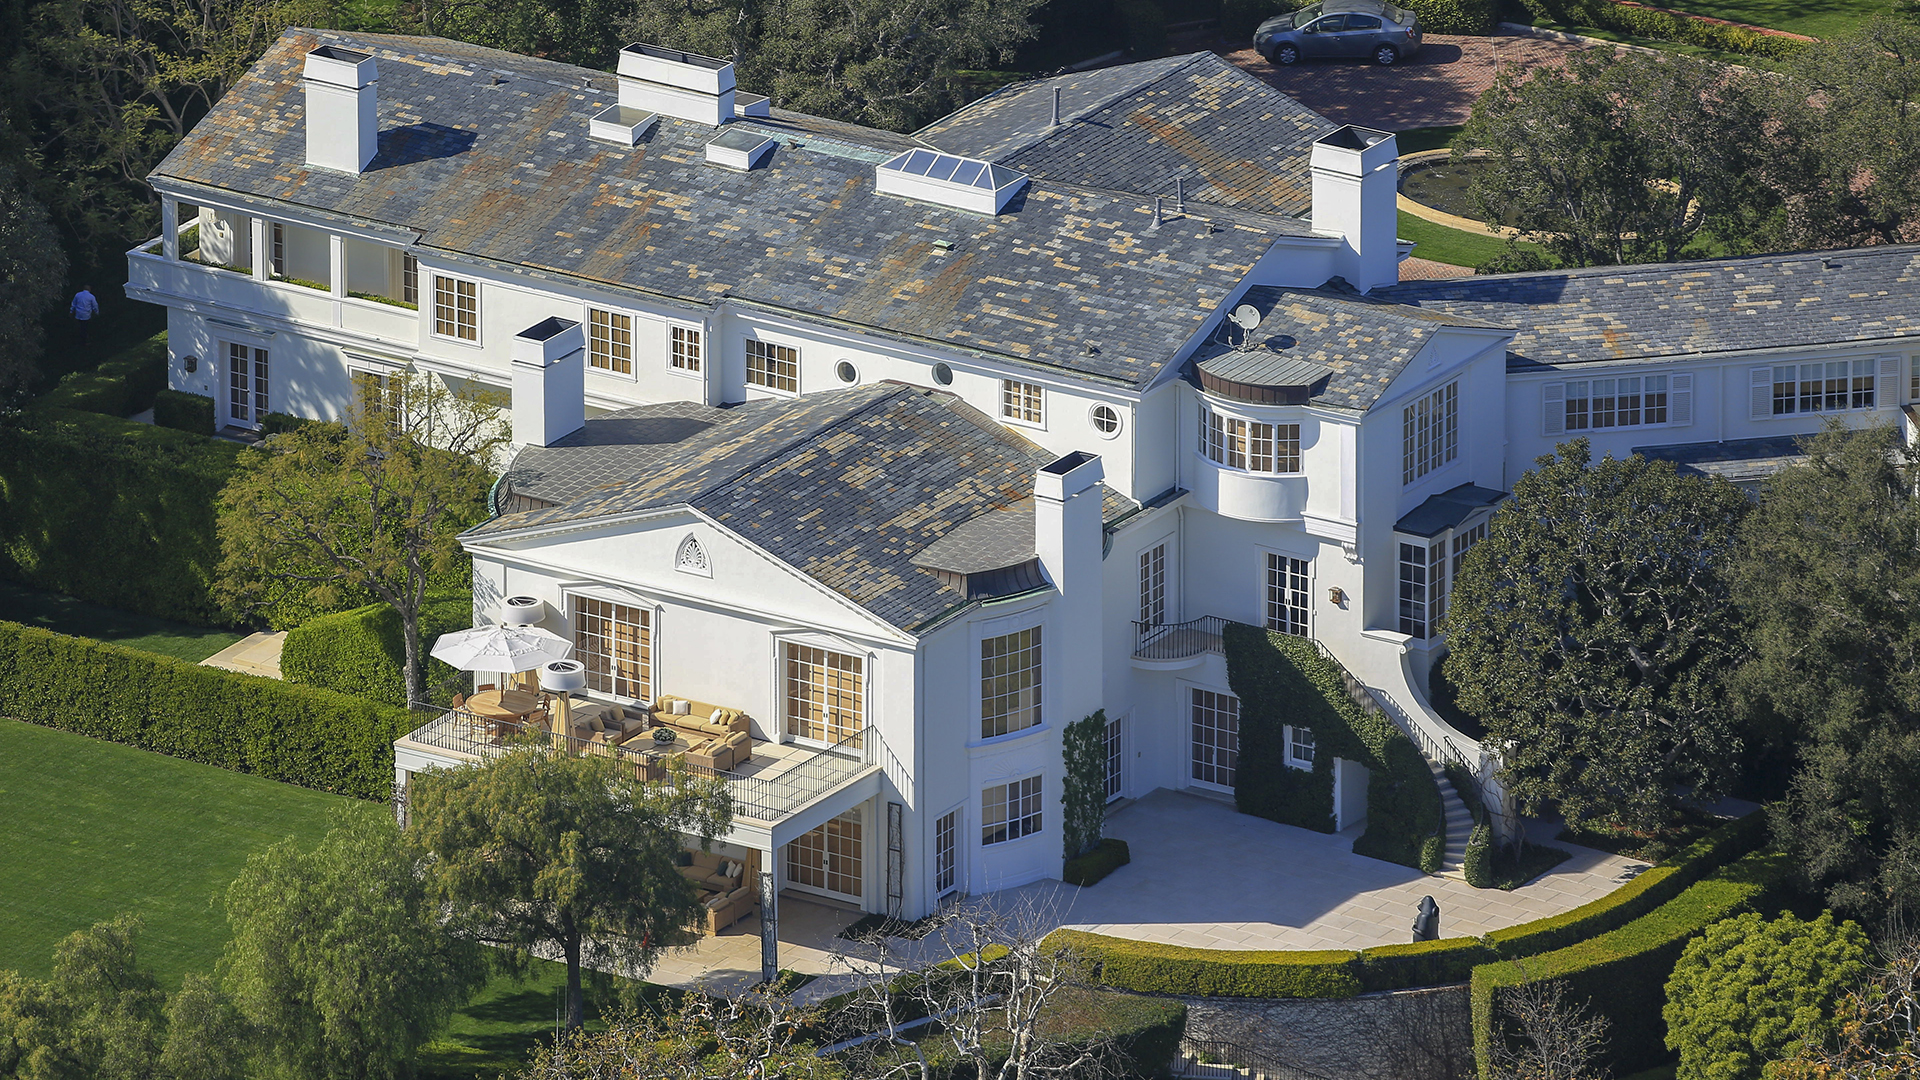 La propiedad fue diseñada en 1930 como residencia del primer presidente de los estudios Warner Bros., Jack Warner, y entre otros lujos cuenta con su propio campo de golf